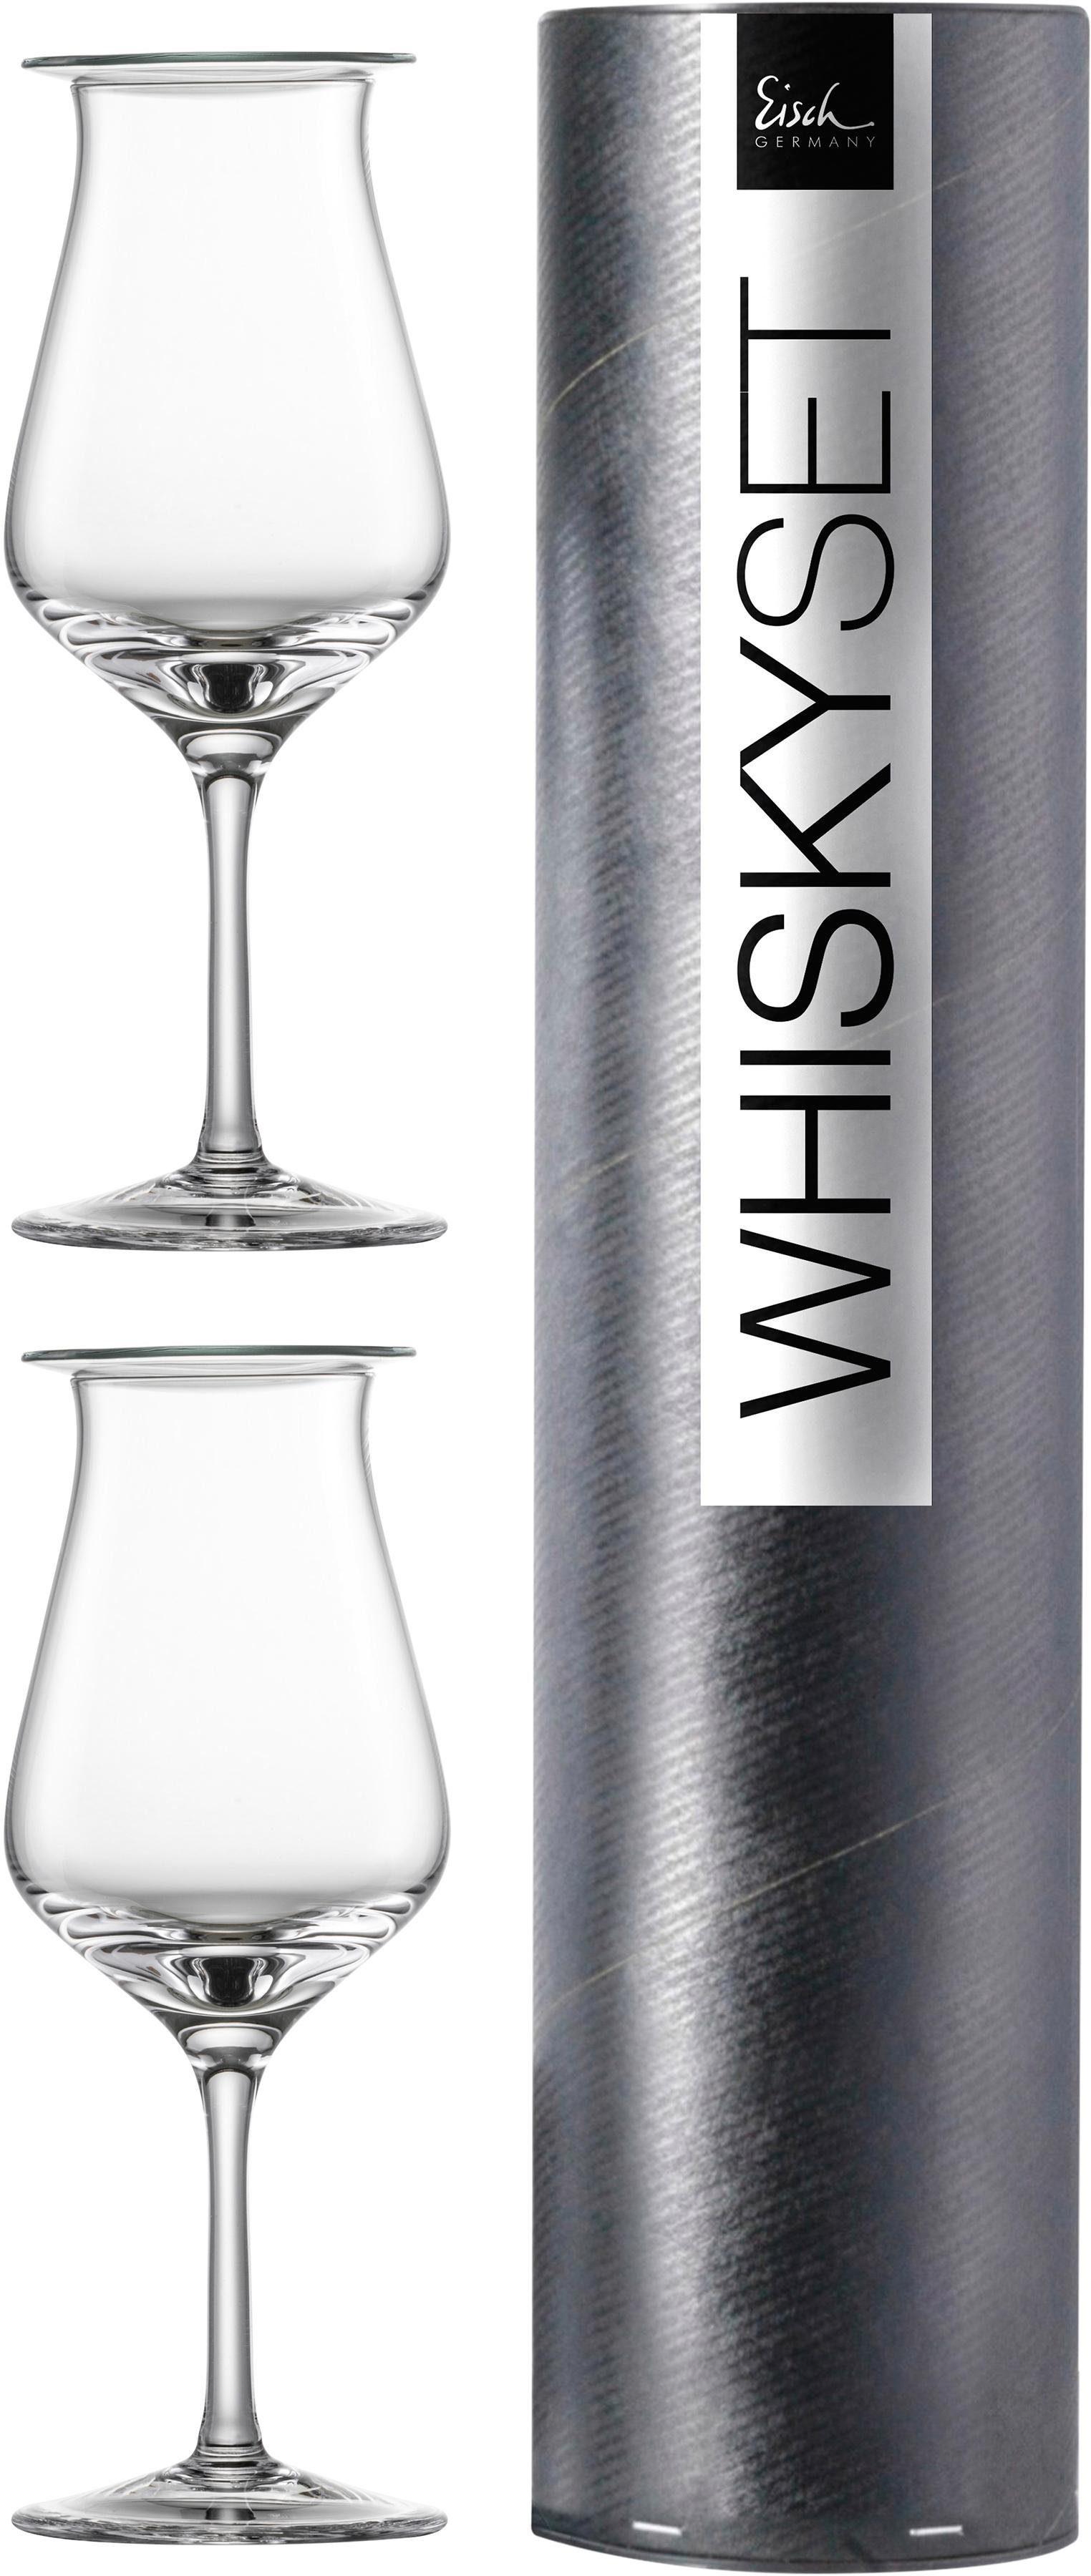 Eisch Whiskyglas Jeunesse, (Set, 4 tlg.), bleifreies Kristallglas, 160 ml farblos Kristallgläser Gläser Glaswaren Haushaltswaren